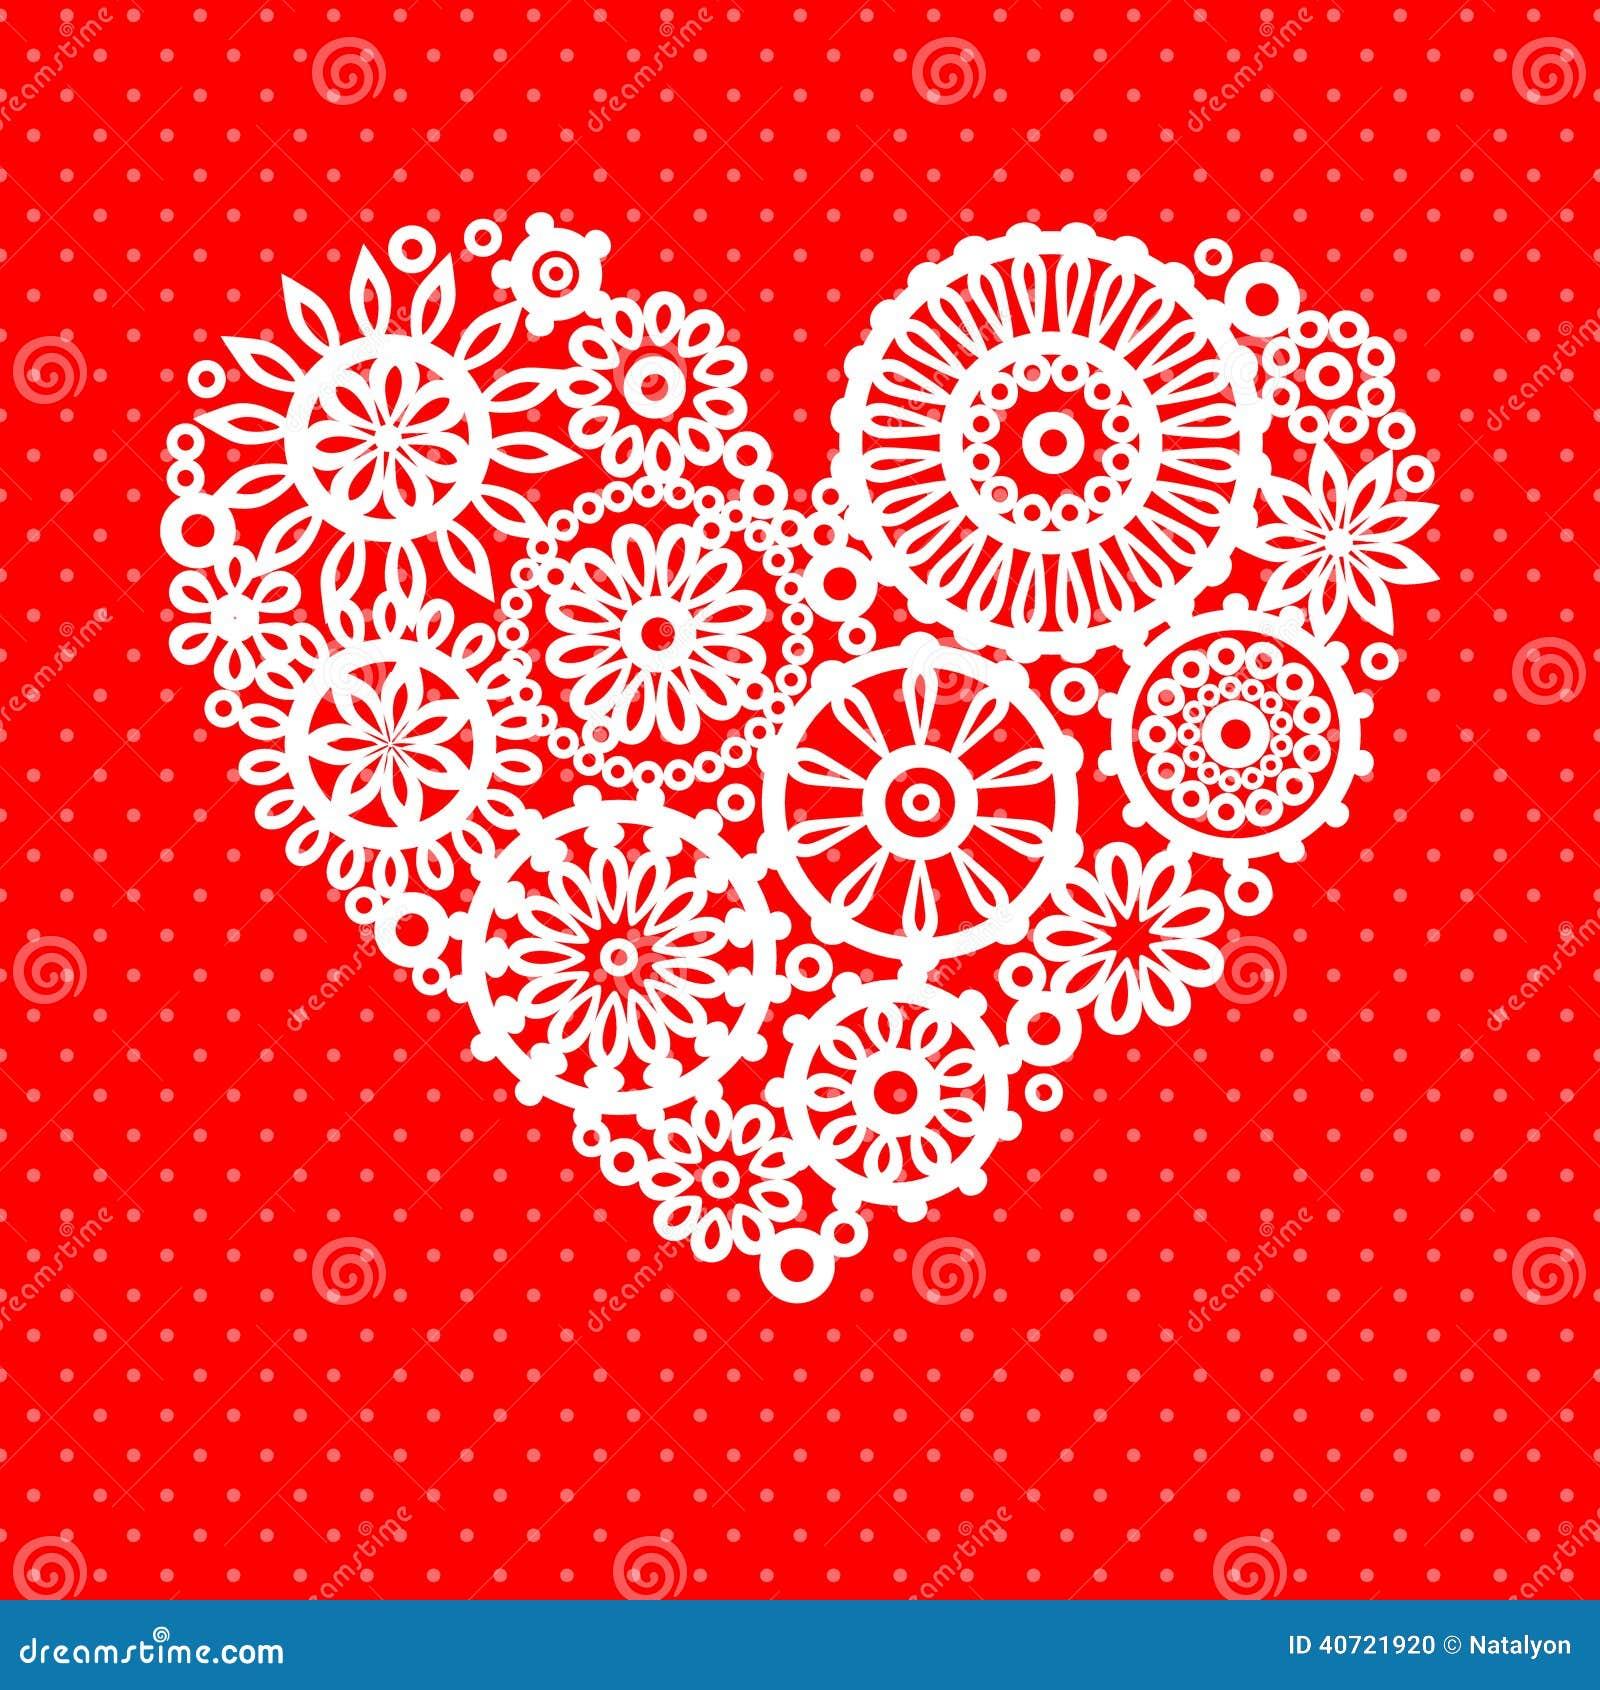 Белое сердце цветка шнурка вязания крючком на красной романтичной поздравительной открытке, предпосылке вектора